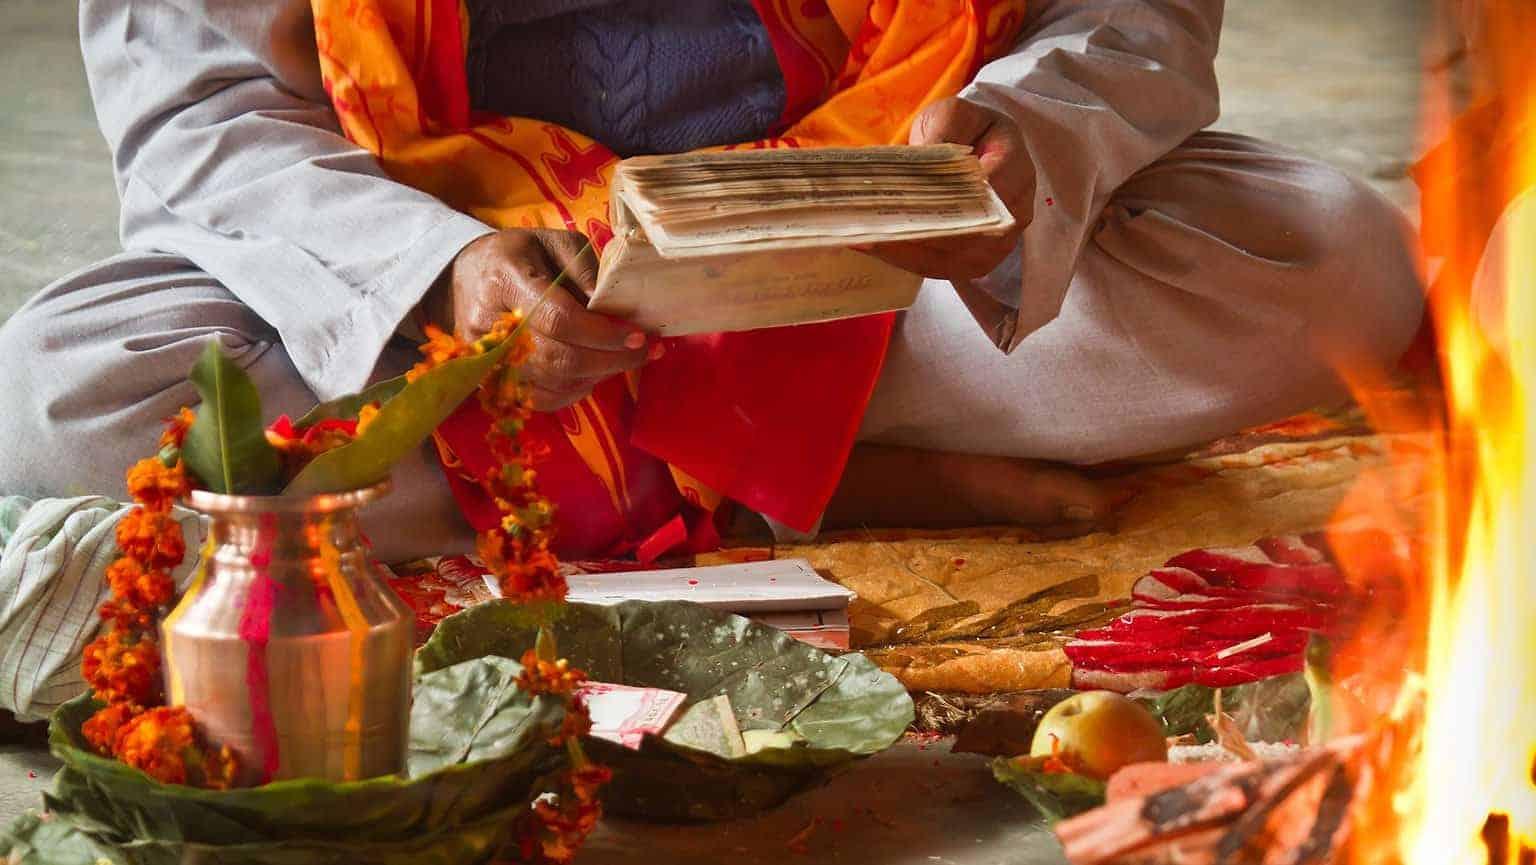 vedas ¿quieres lograr prosperidad para tu vida? desde la sabiduría hindú  ID149985 - hermandadblanca.org